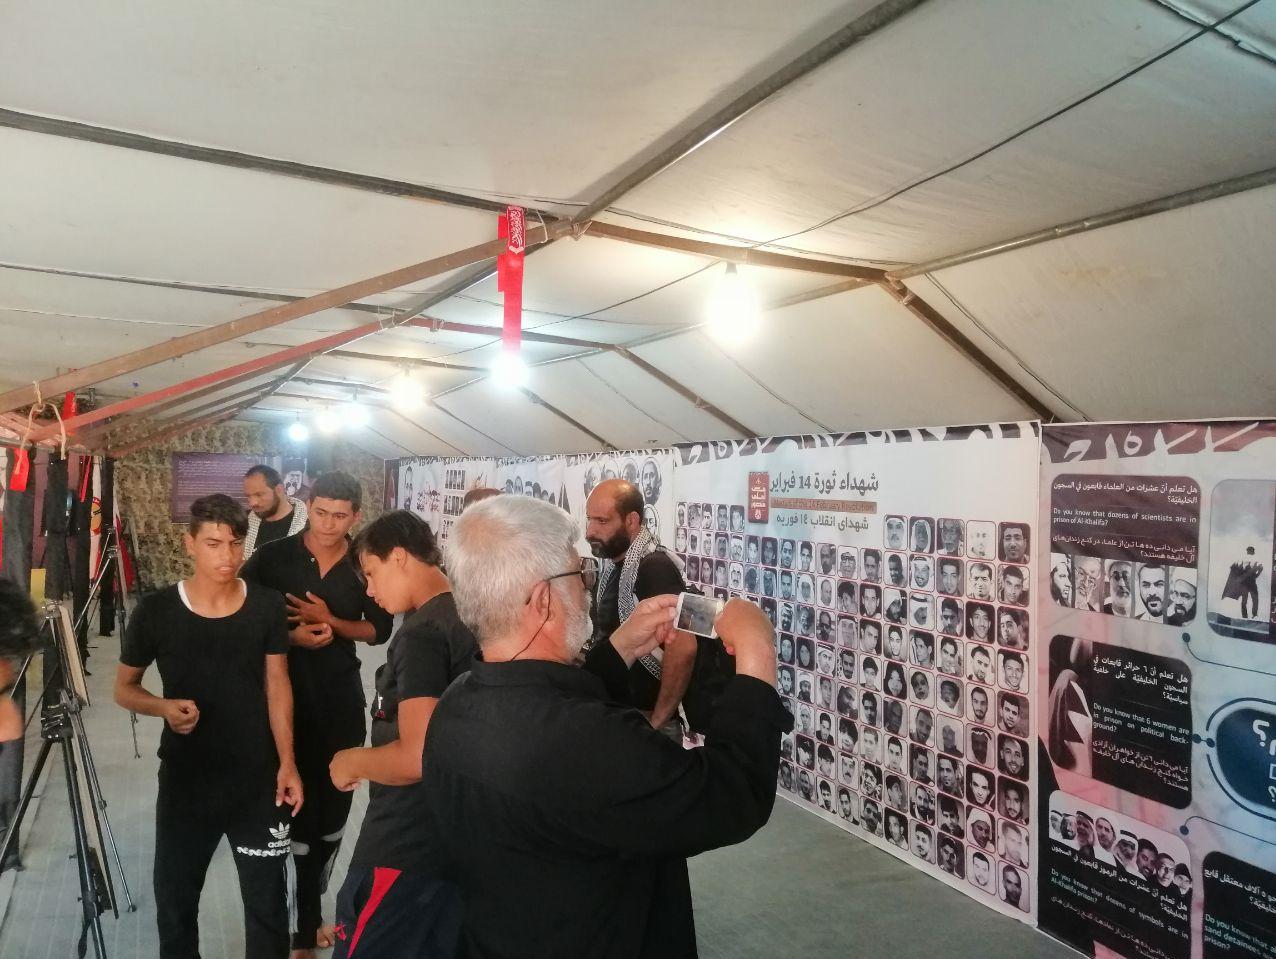 إدارة «معرض شهداء البحرين»: ظروف حالت دون إقامة المعرض هذا العام